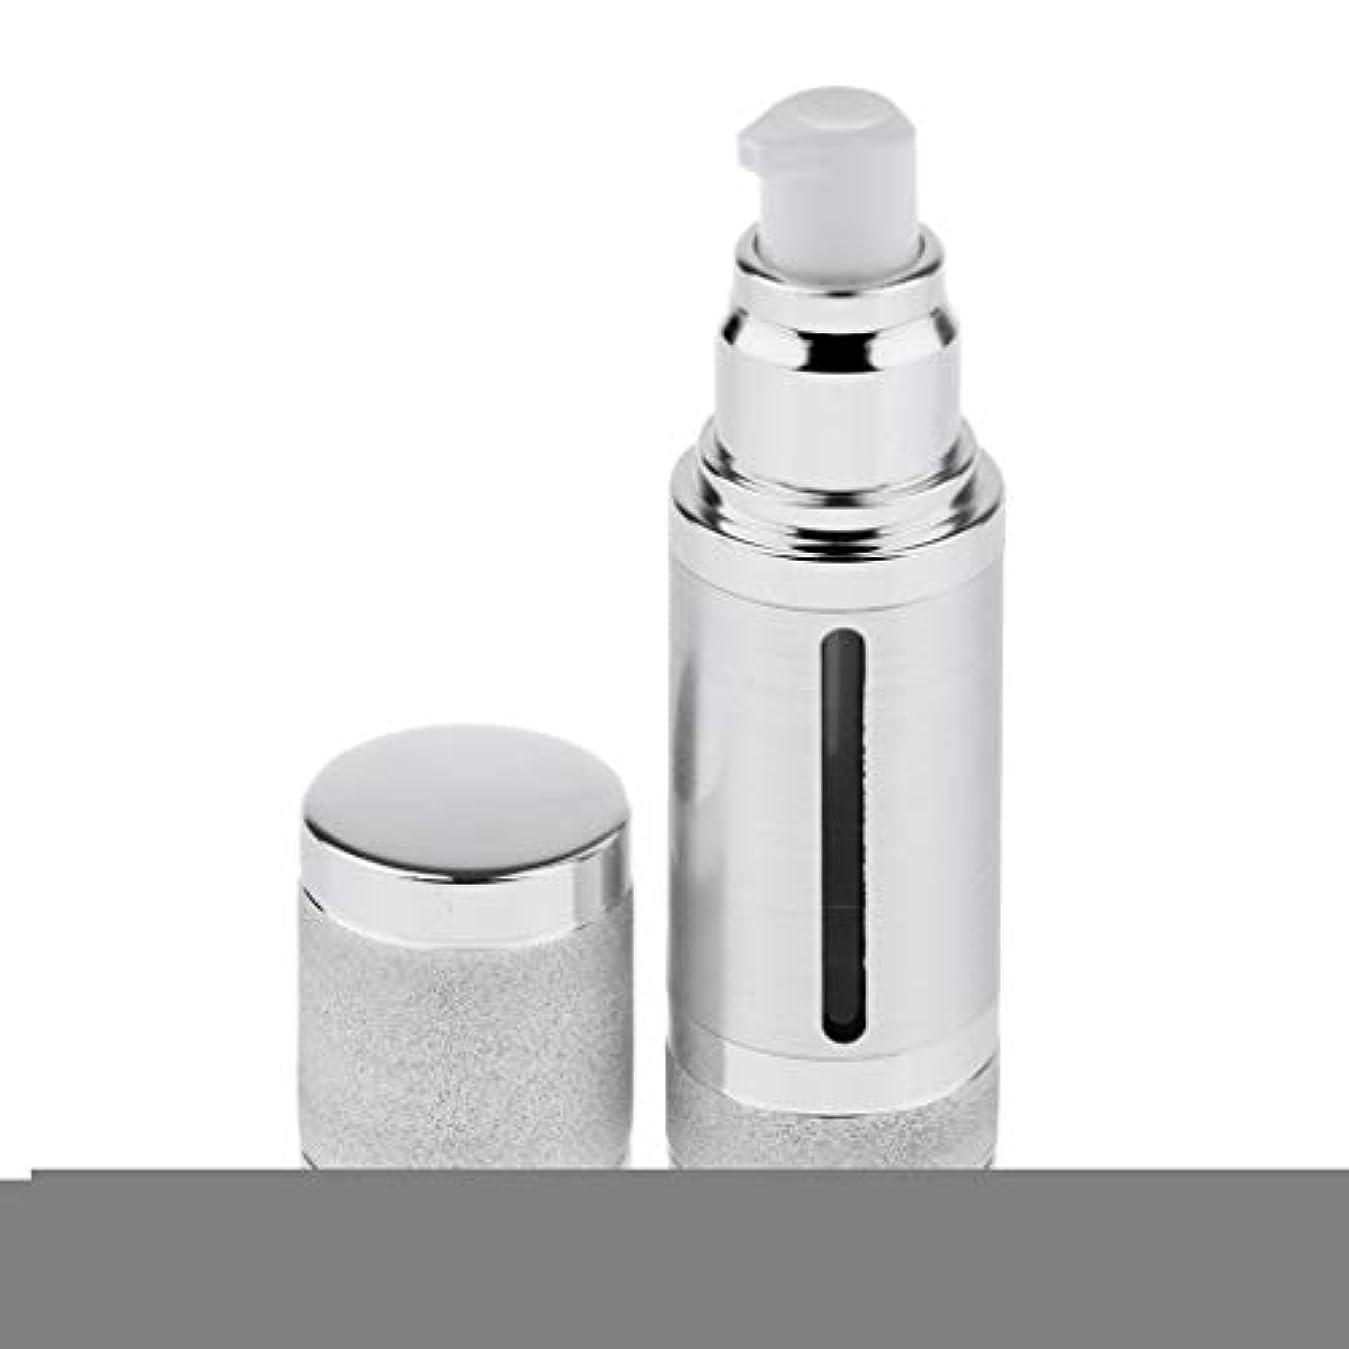 実際の浮く作者30ミリリットルエアレスポンプボトルローションクリーム化粧品詰め替え容器 - 銀